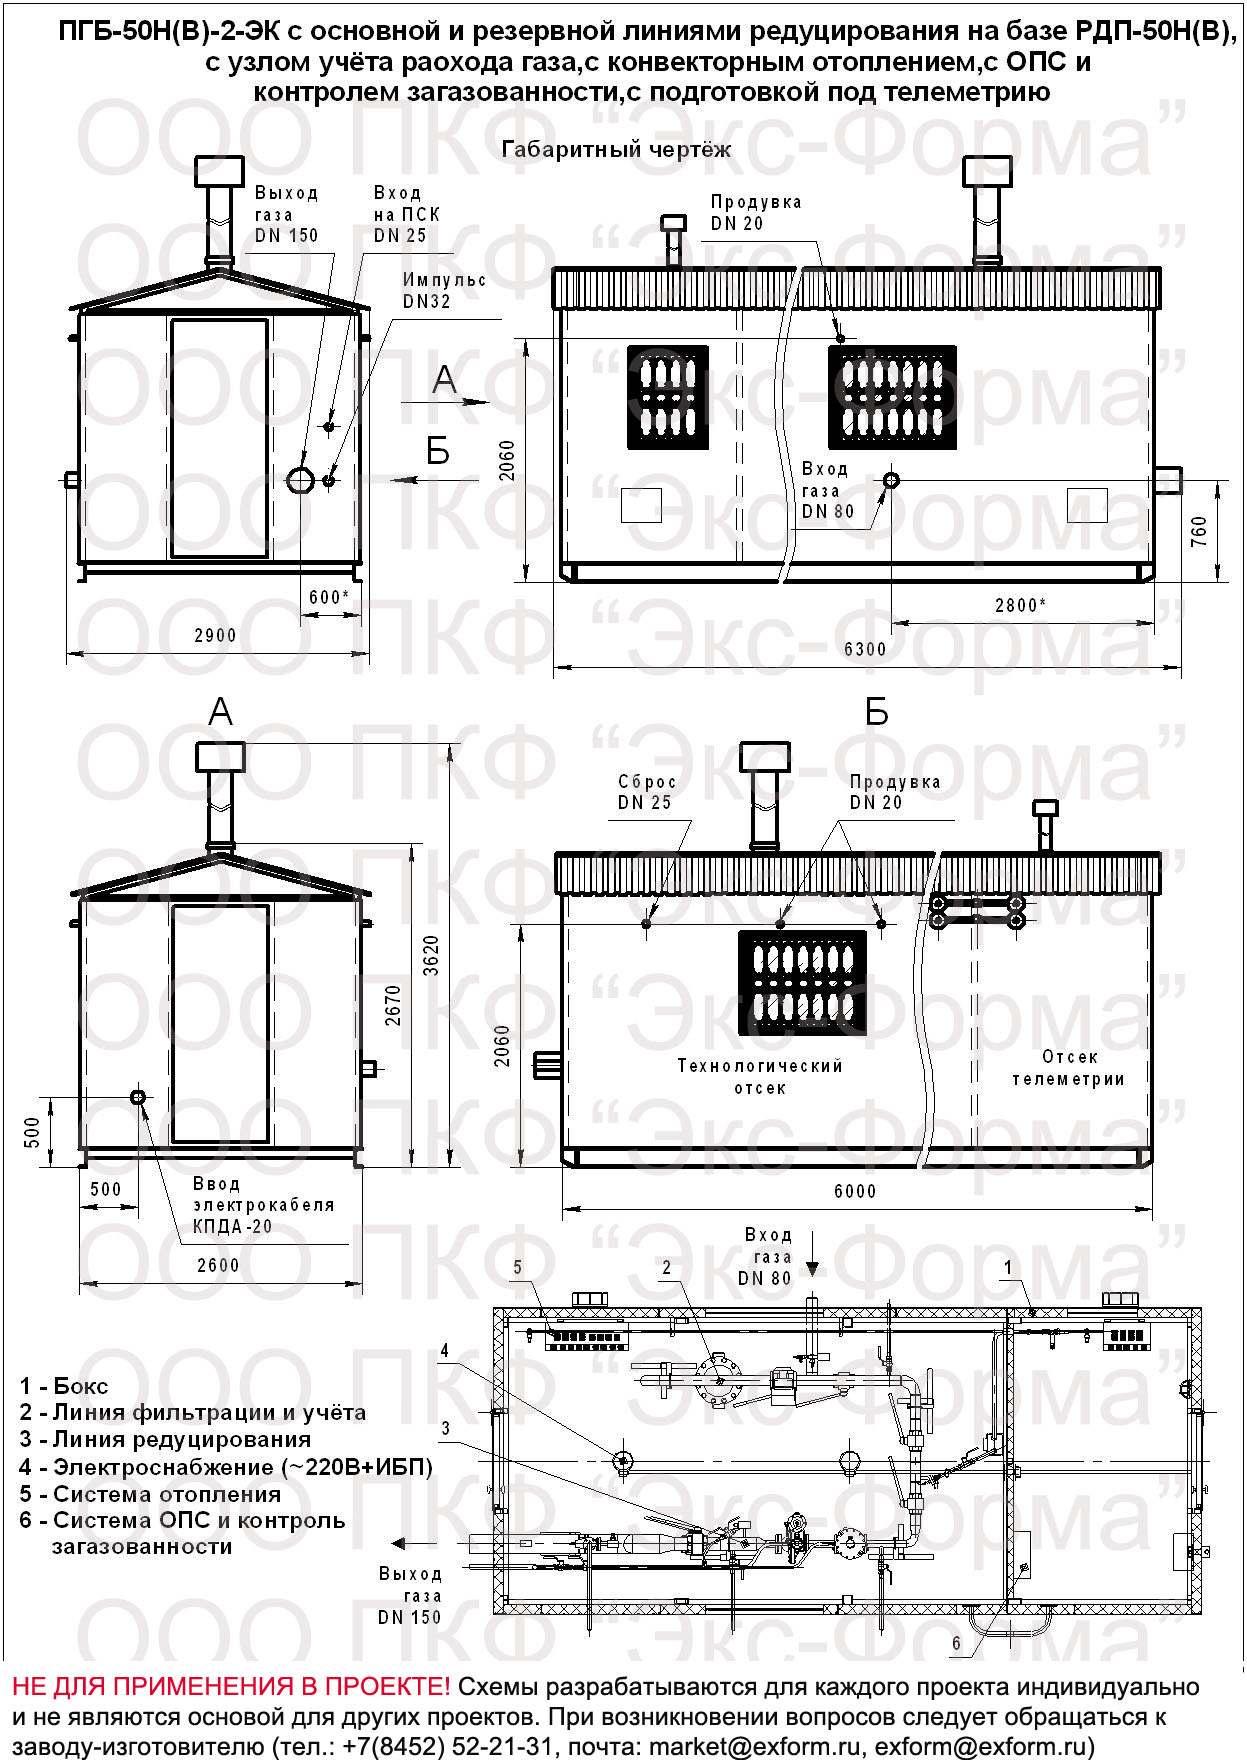 схема габаритная ПГБ-50Н-2-ЭК, ПГБ-50В-2-ЭК